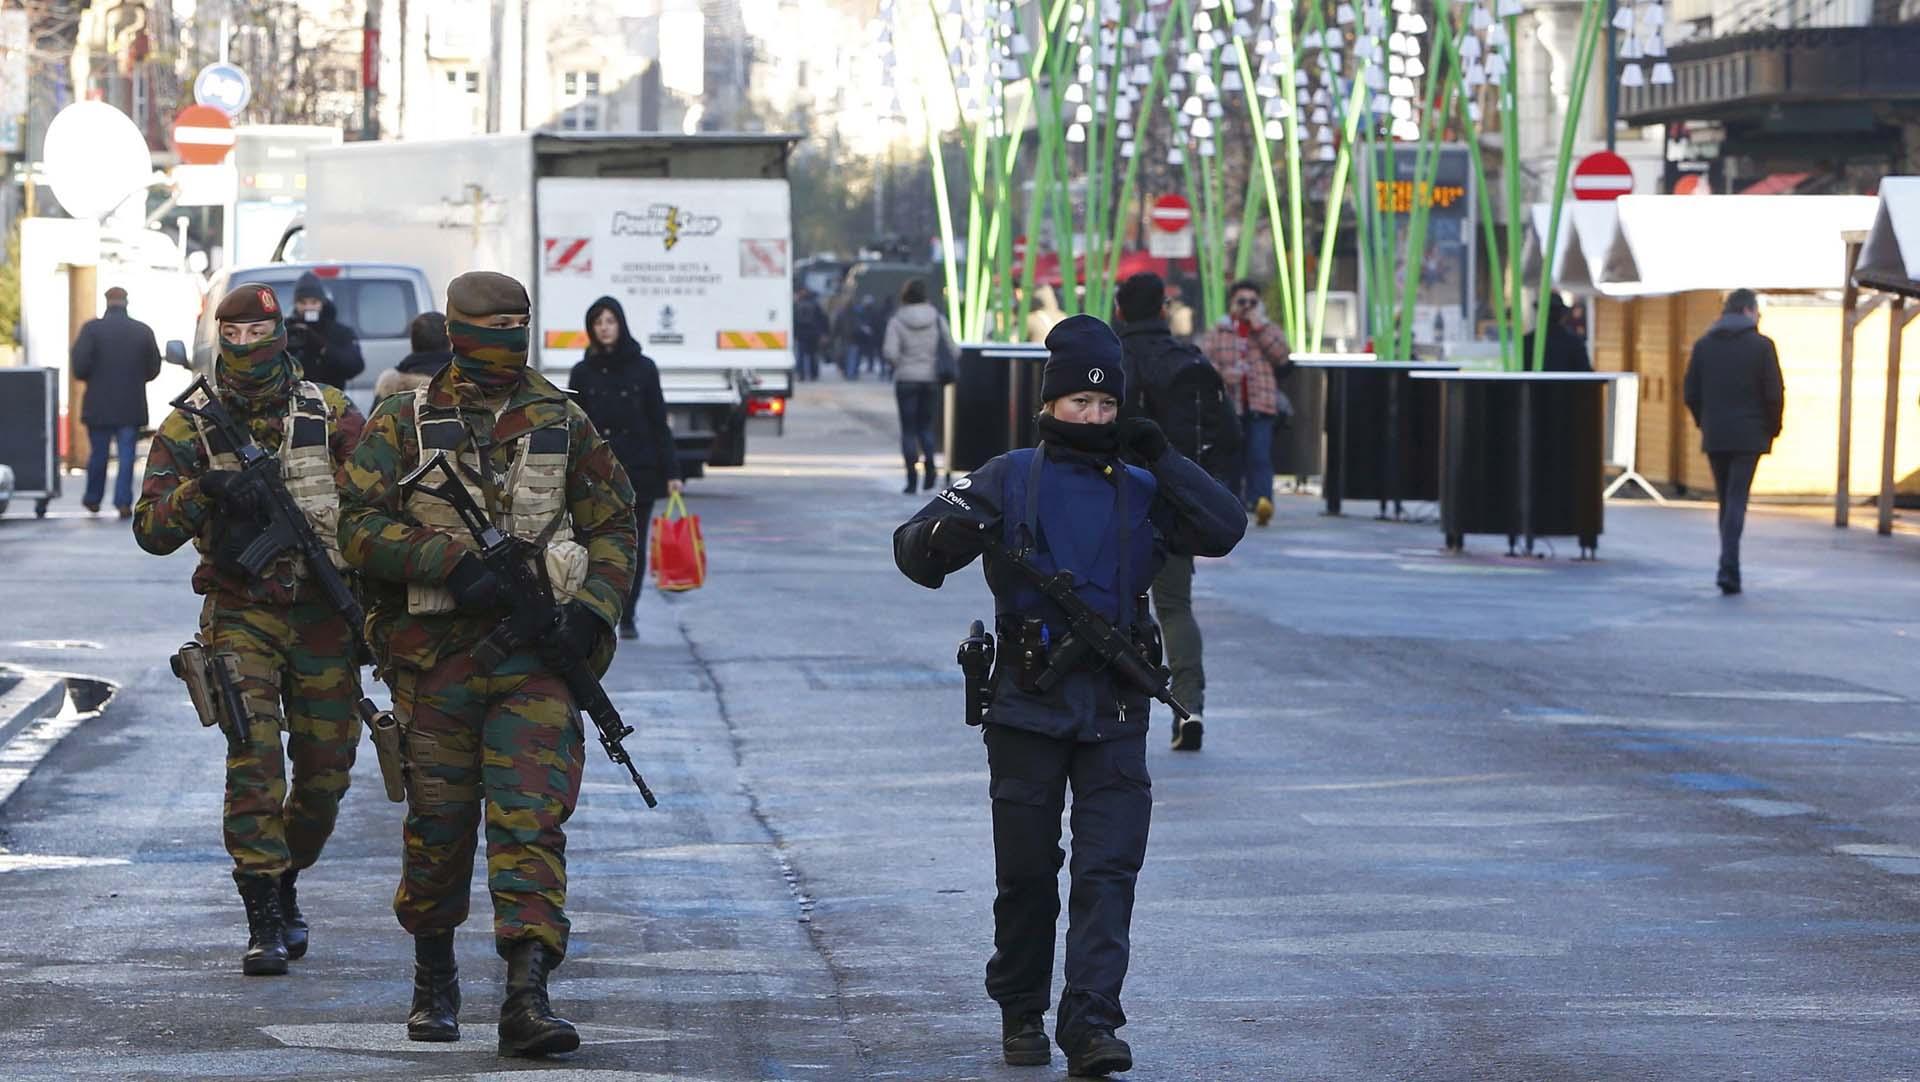 Desde el domingo han detenido a 21 personas por estar vinculadas con actividades terroristas